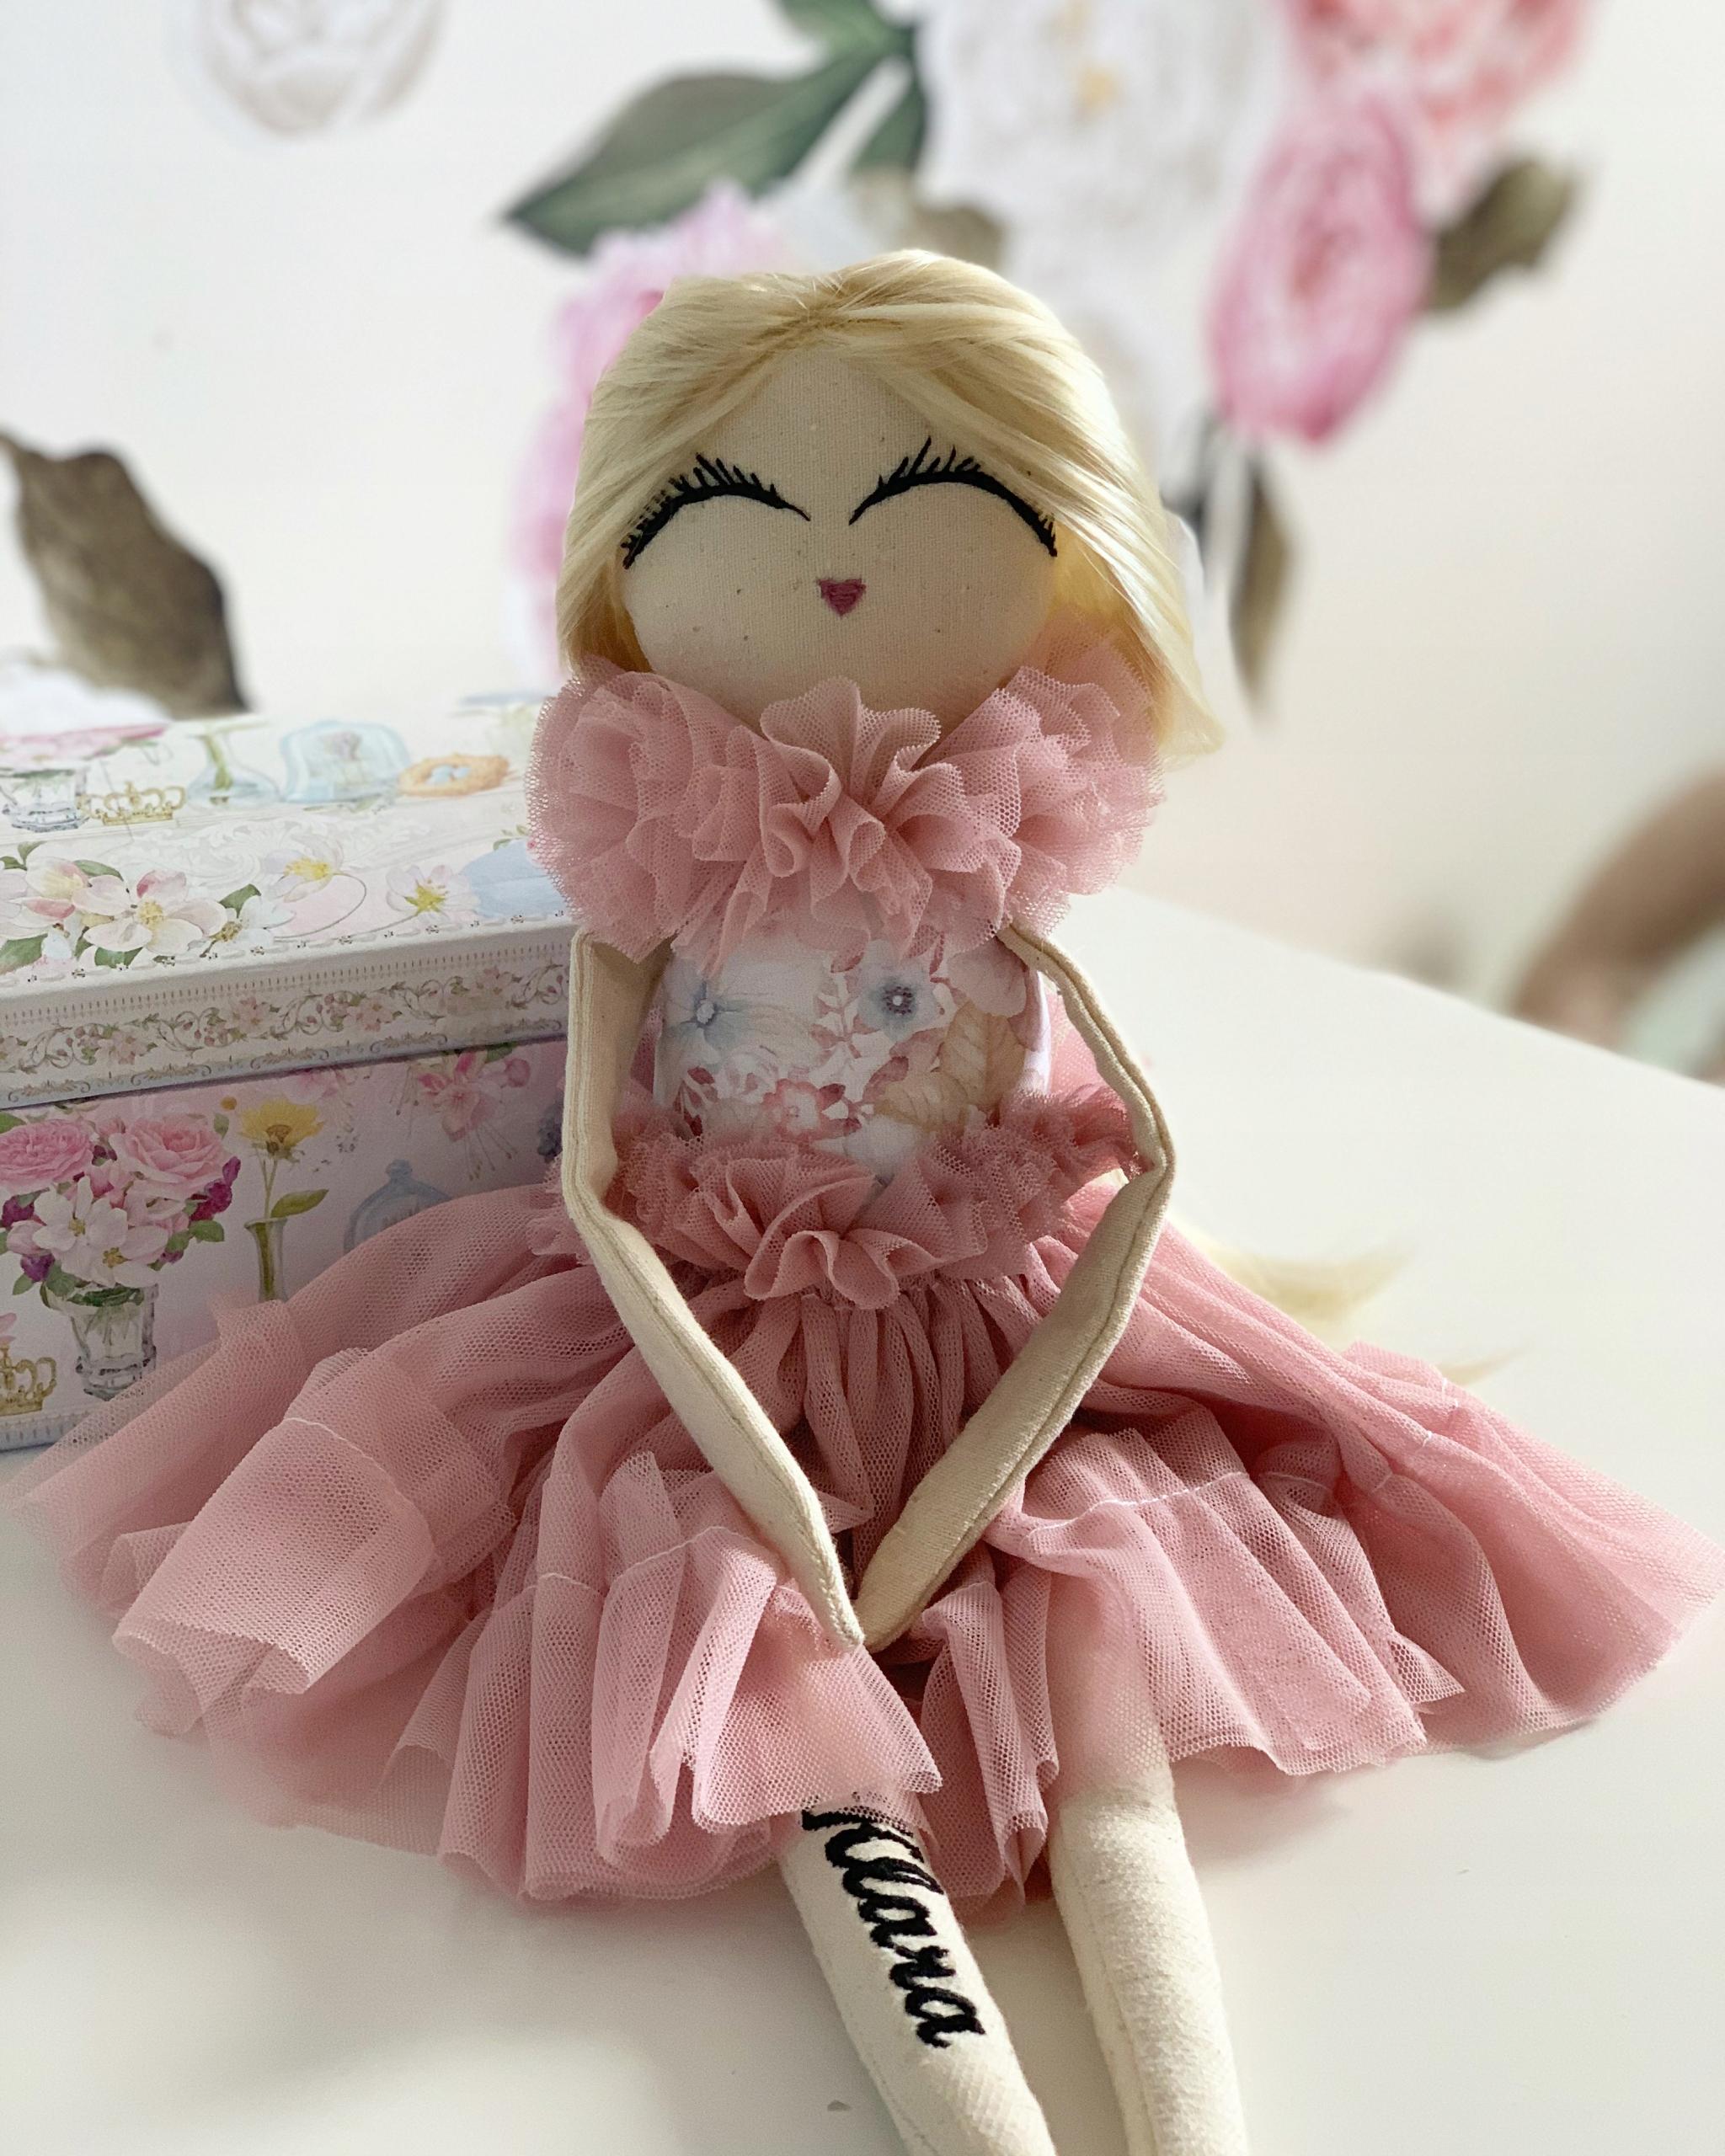 Bábika s menom dieťaťa, darček k narodeninám ako hračka